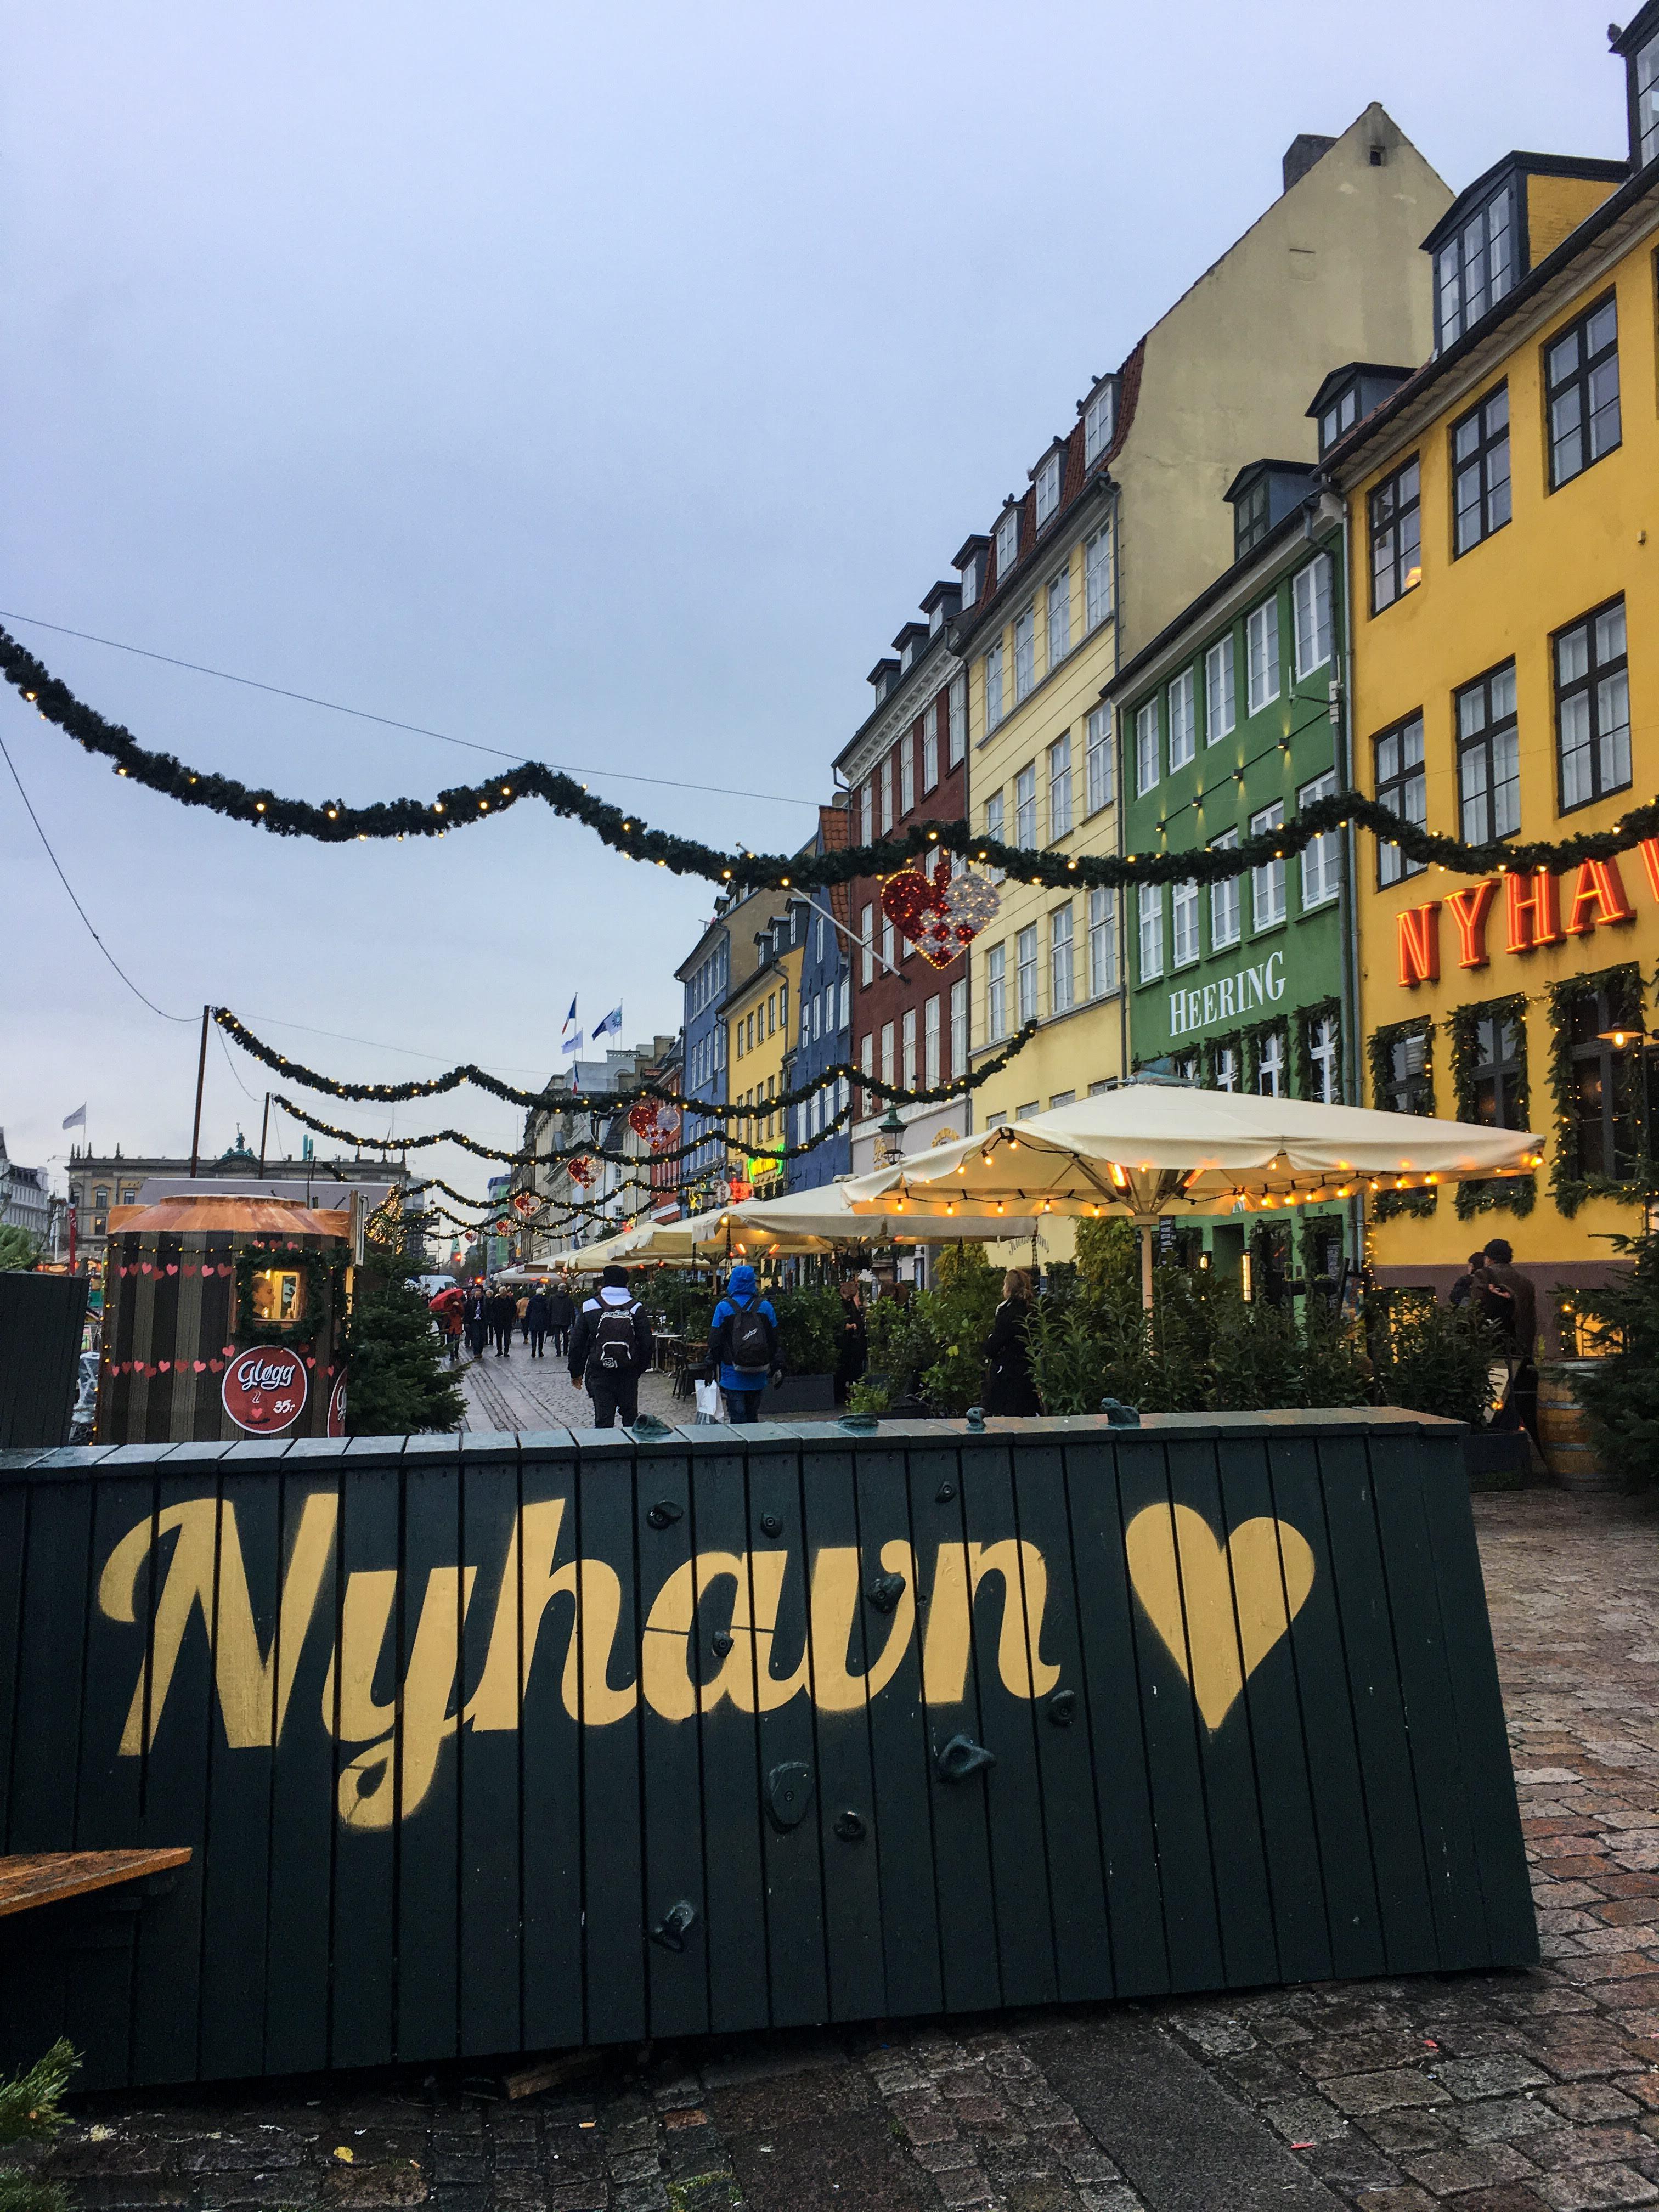 Denmark Copenhagen Nyhavn Old Town city guide travel guide